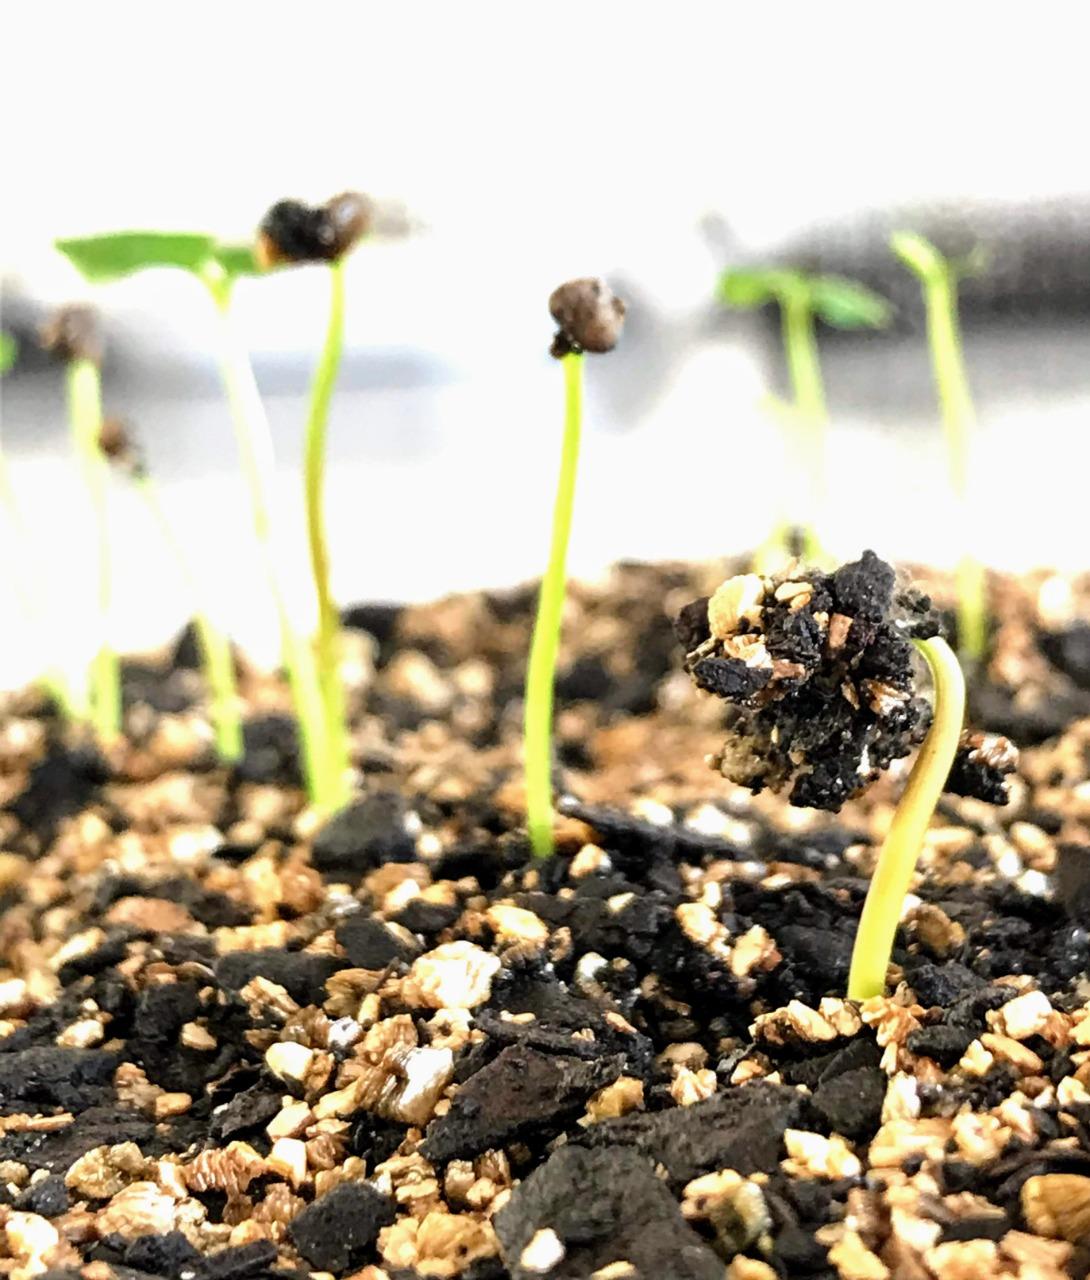 Sementes de araçá amarelo em fase inicial de germinação expondo as primeiras estruturas